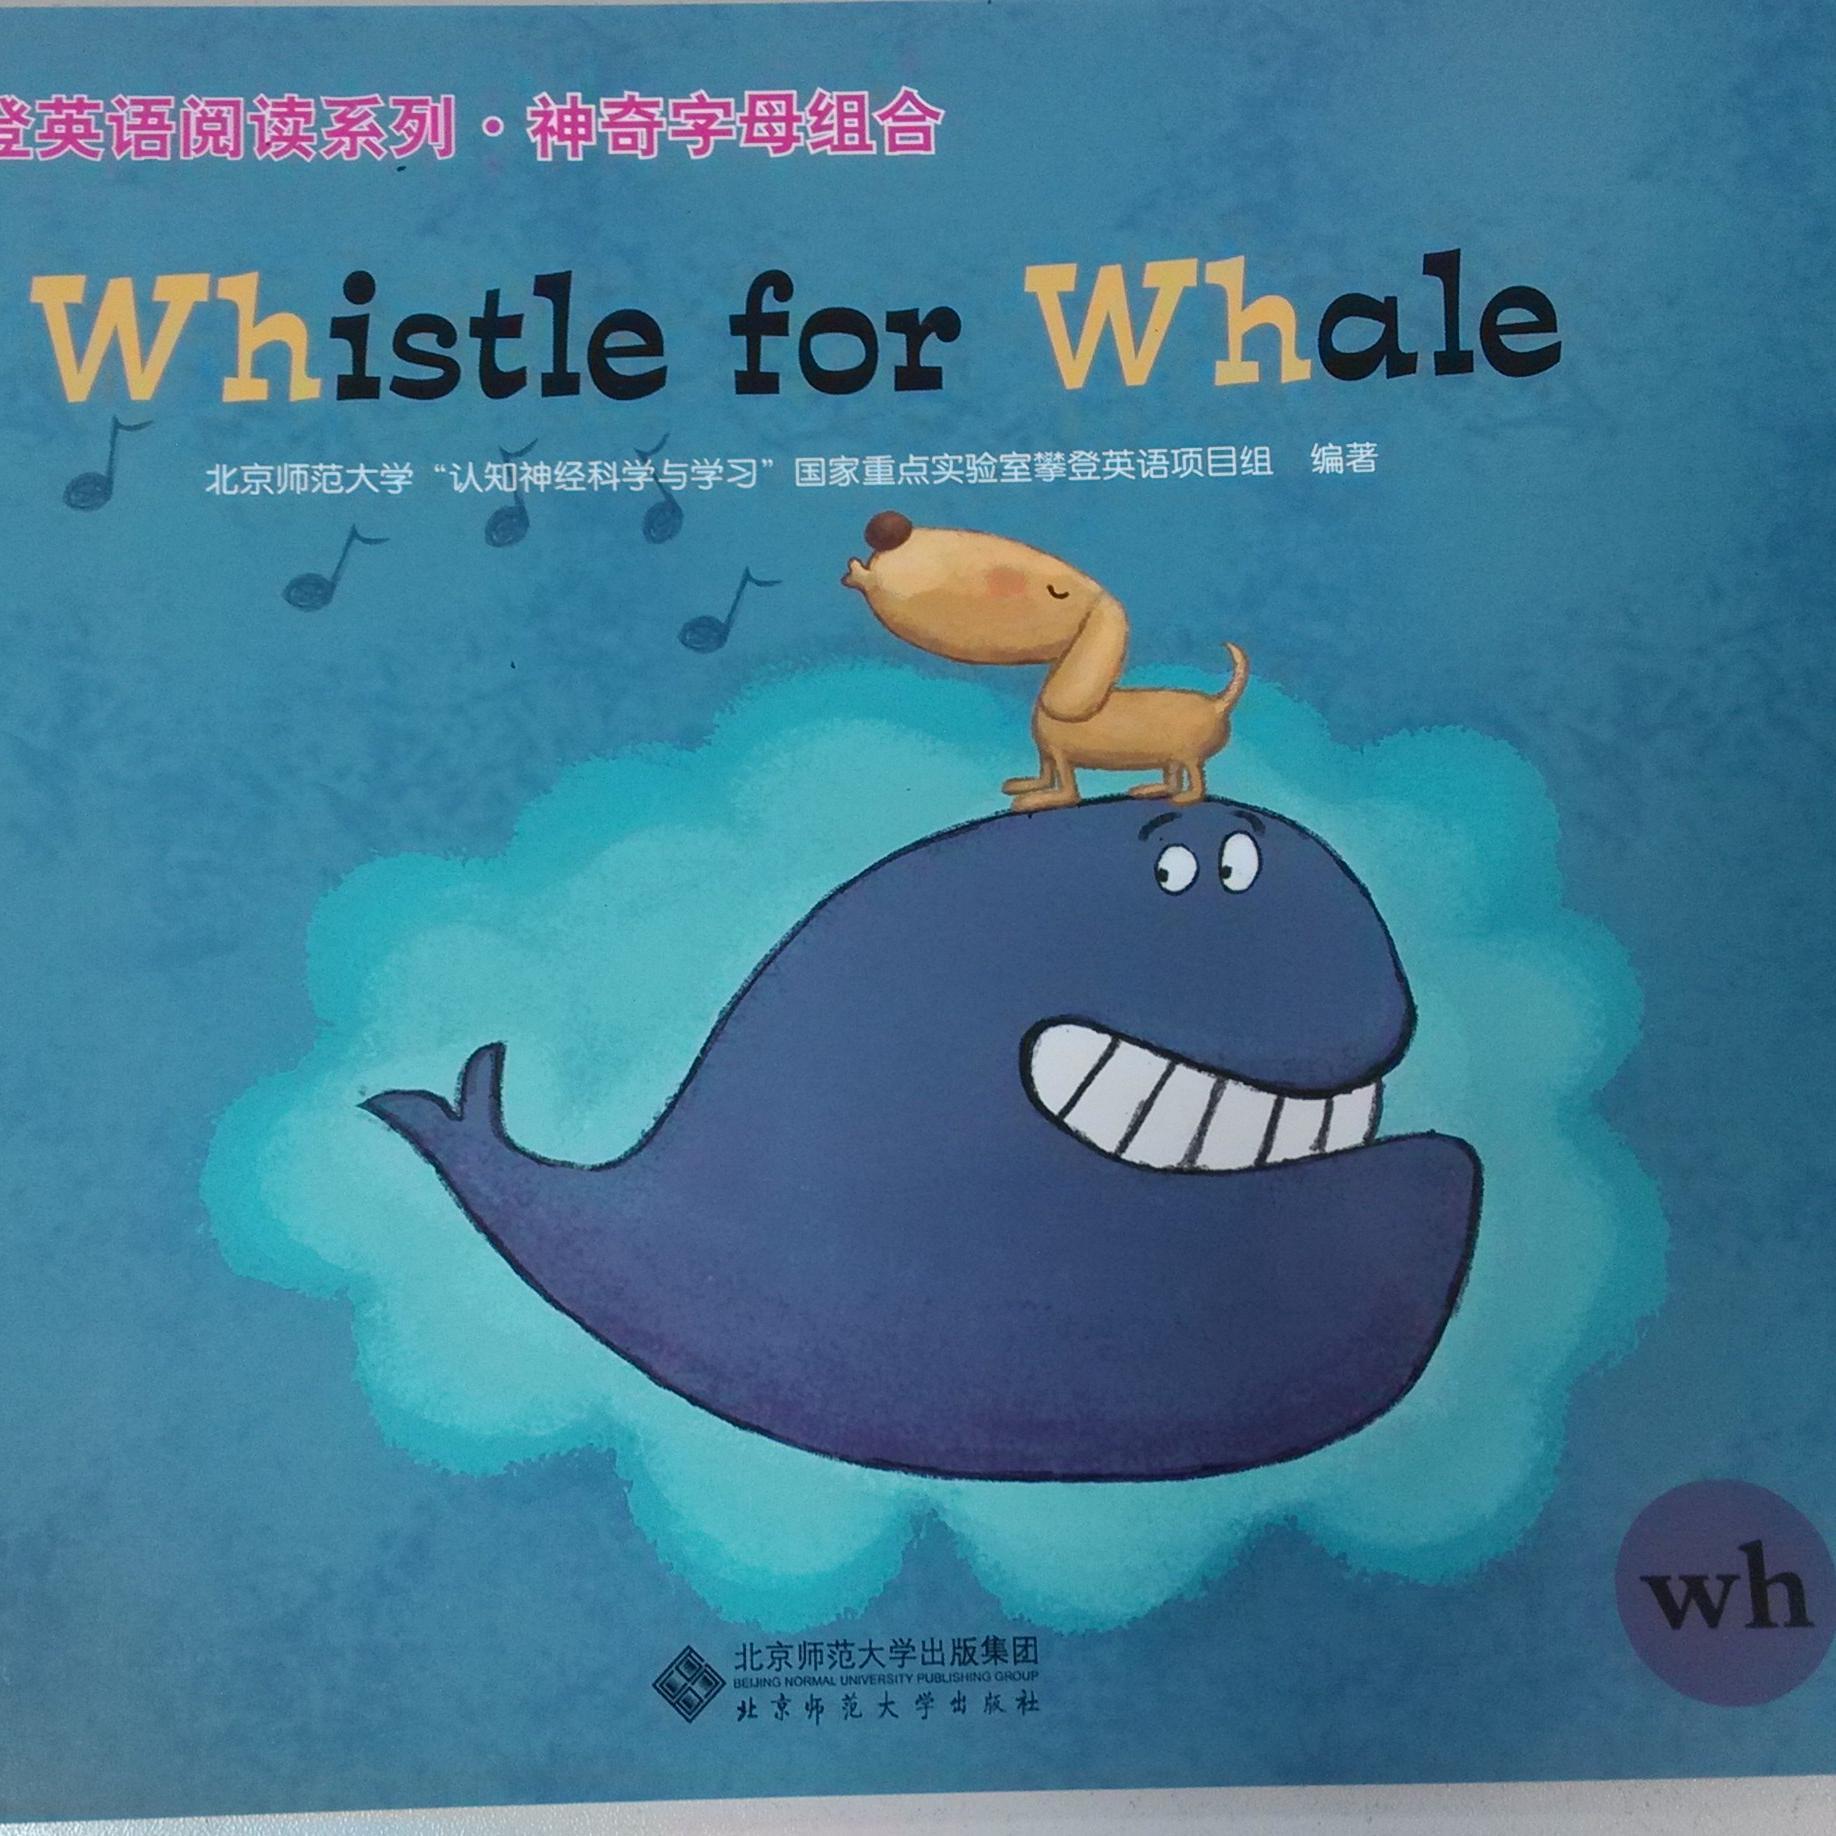 鲸鱼组合简笔画图片